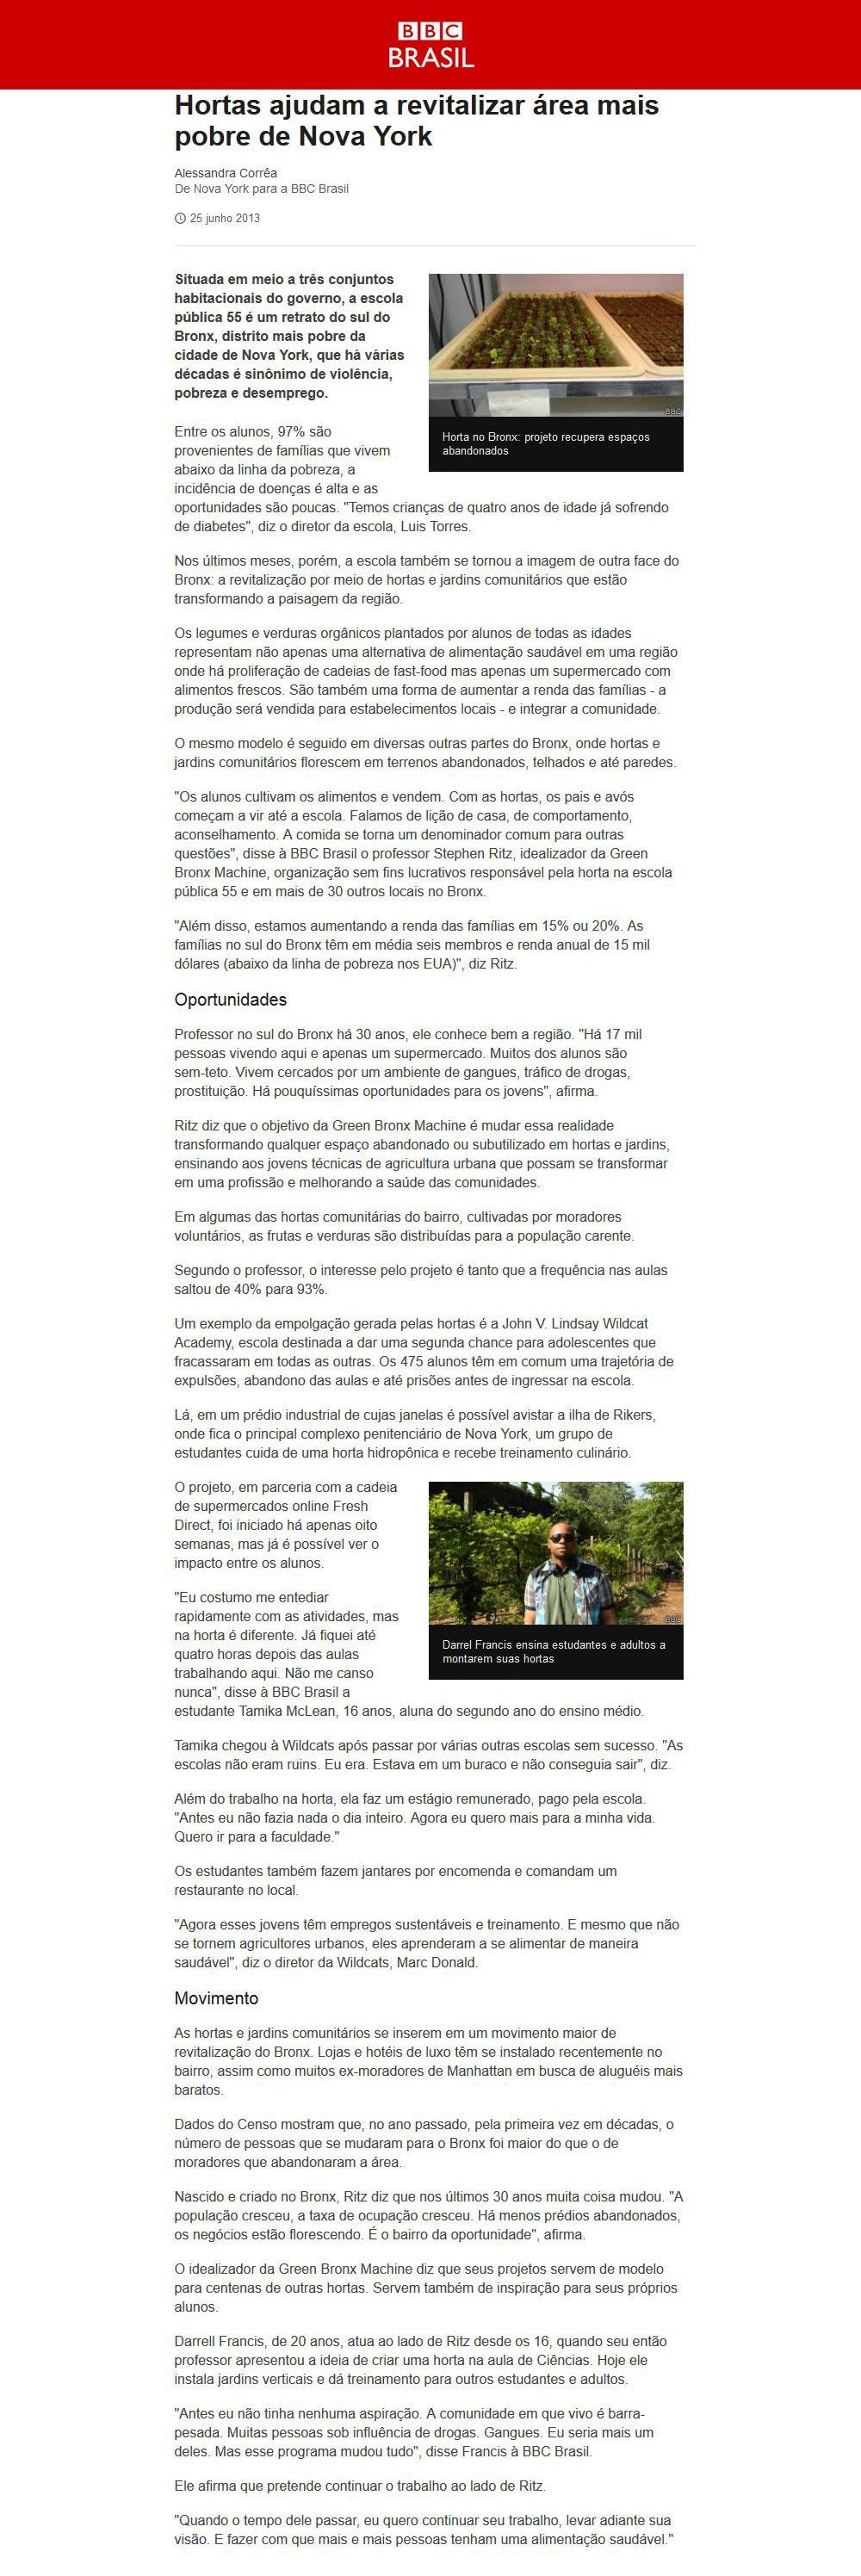 BBC Brazil - Hortas ajudam a revitalizar área mais pobre de Nova York